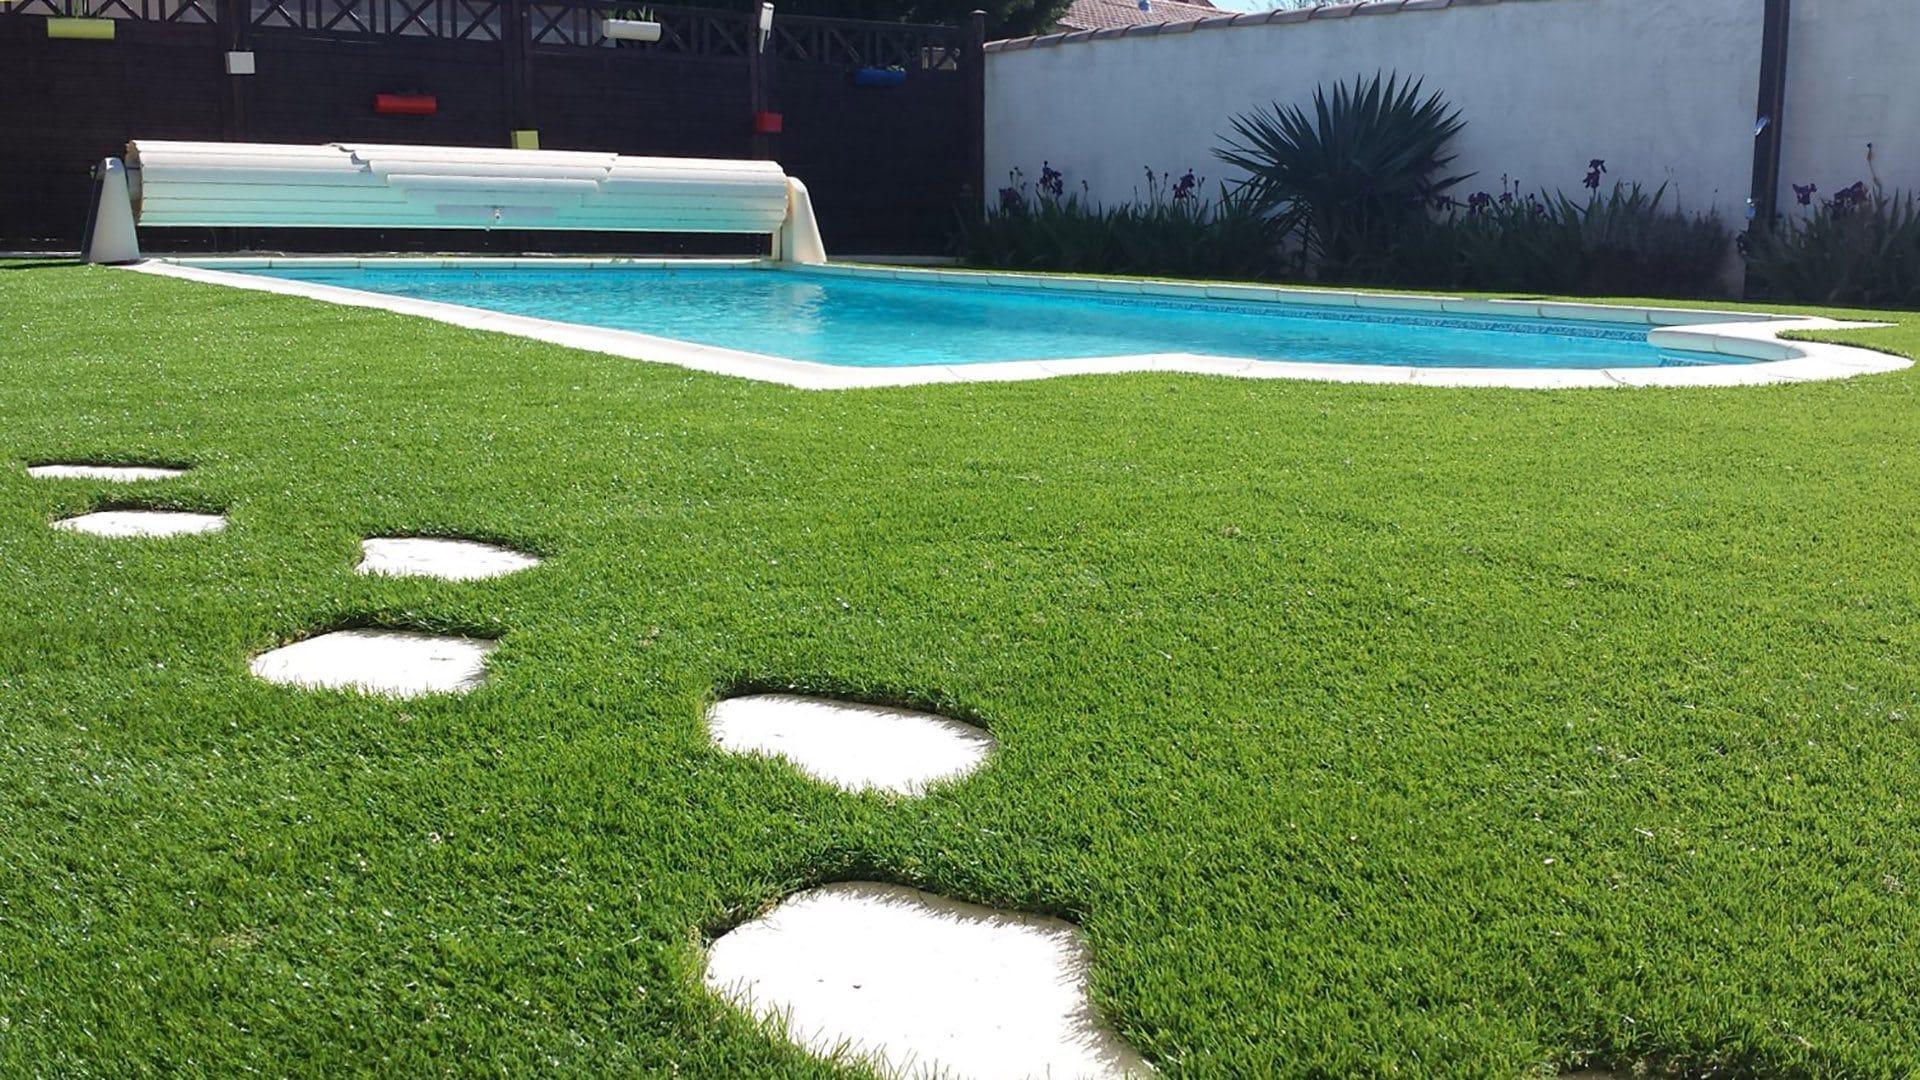 Les pas japonais la touche graphique id es piscine for Piscine dans le jardin